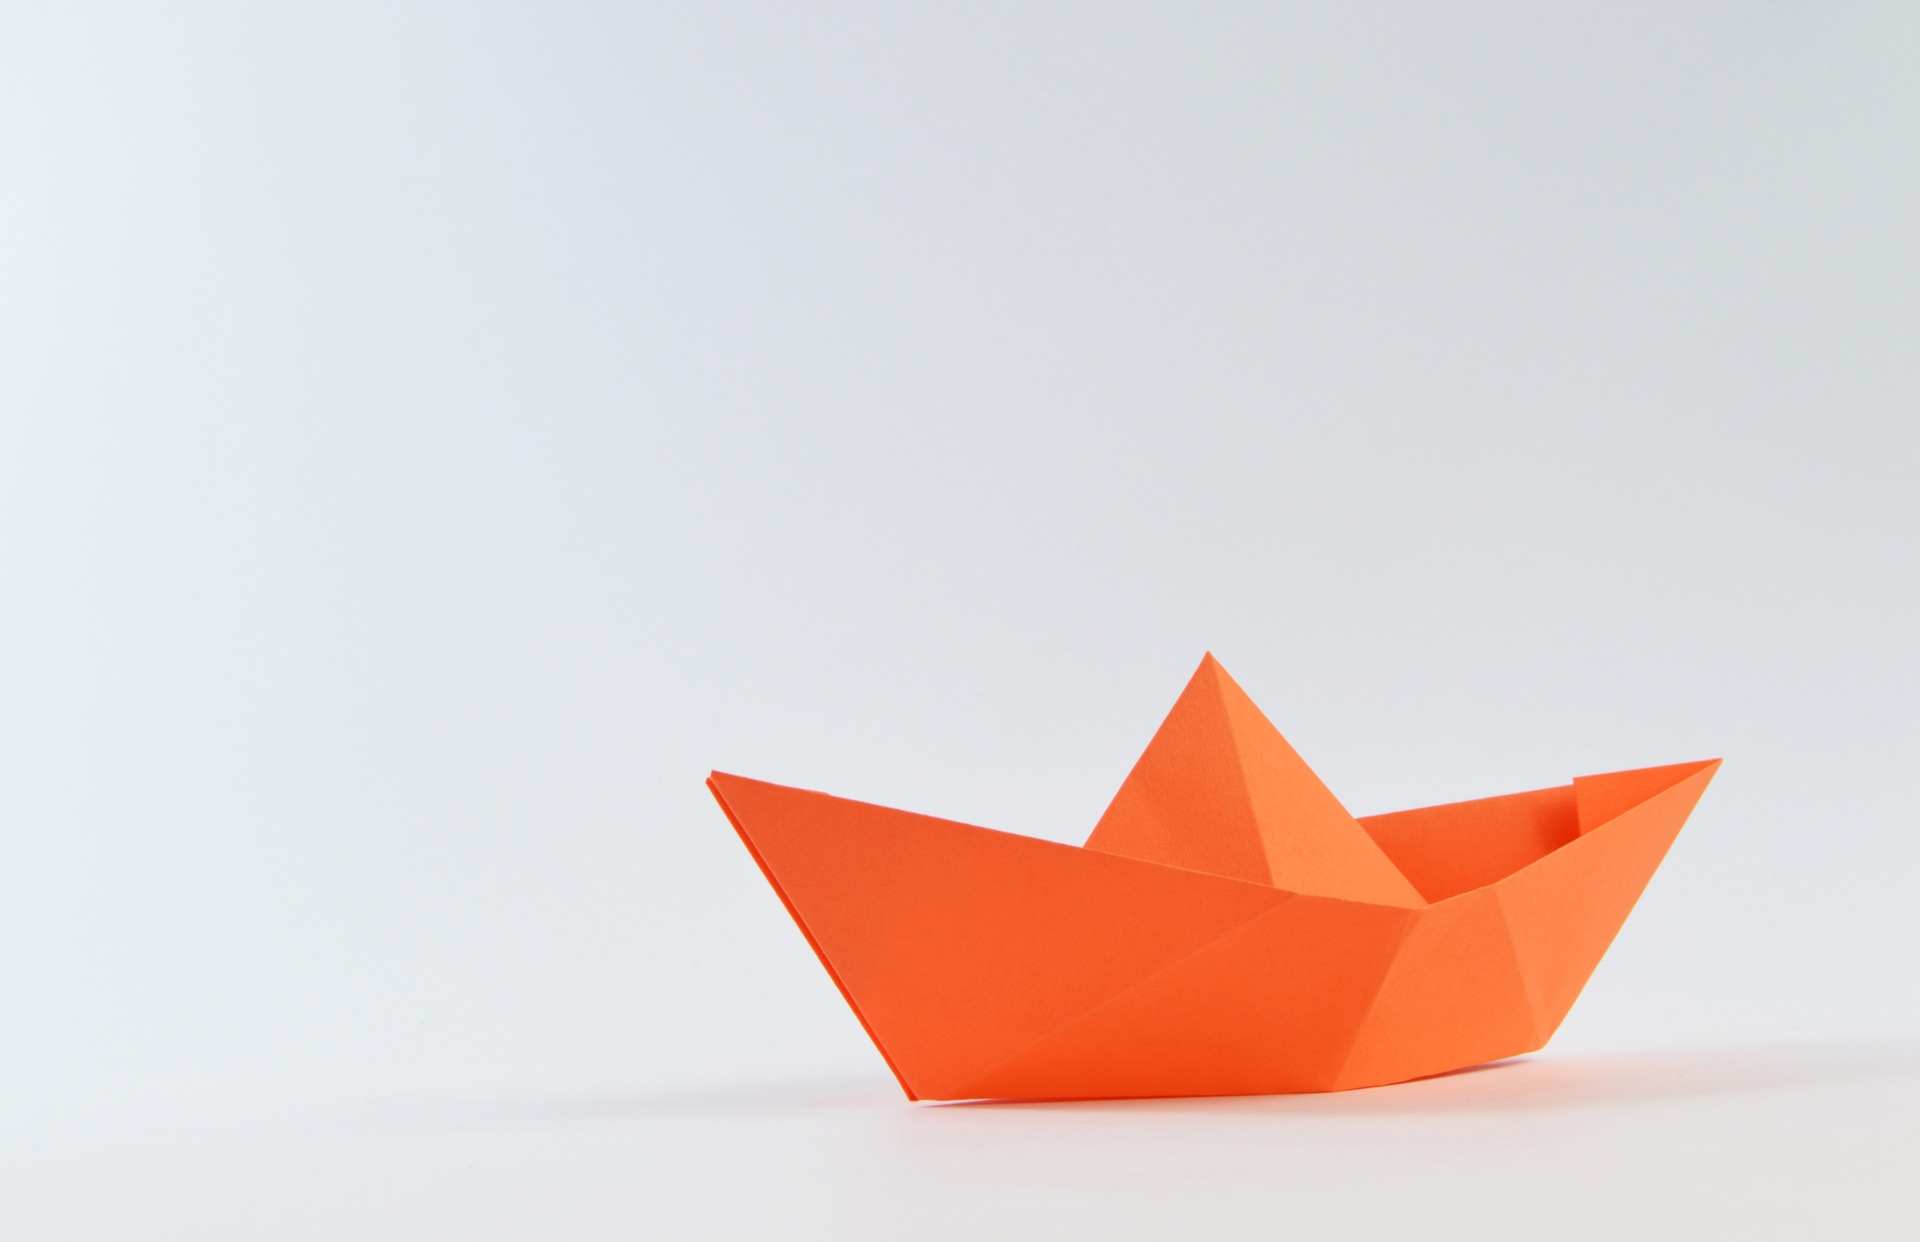 barco, papel, minimalista, origami, Laranja - Papéis de parede HD - Professor-falken.com